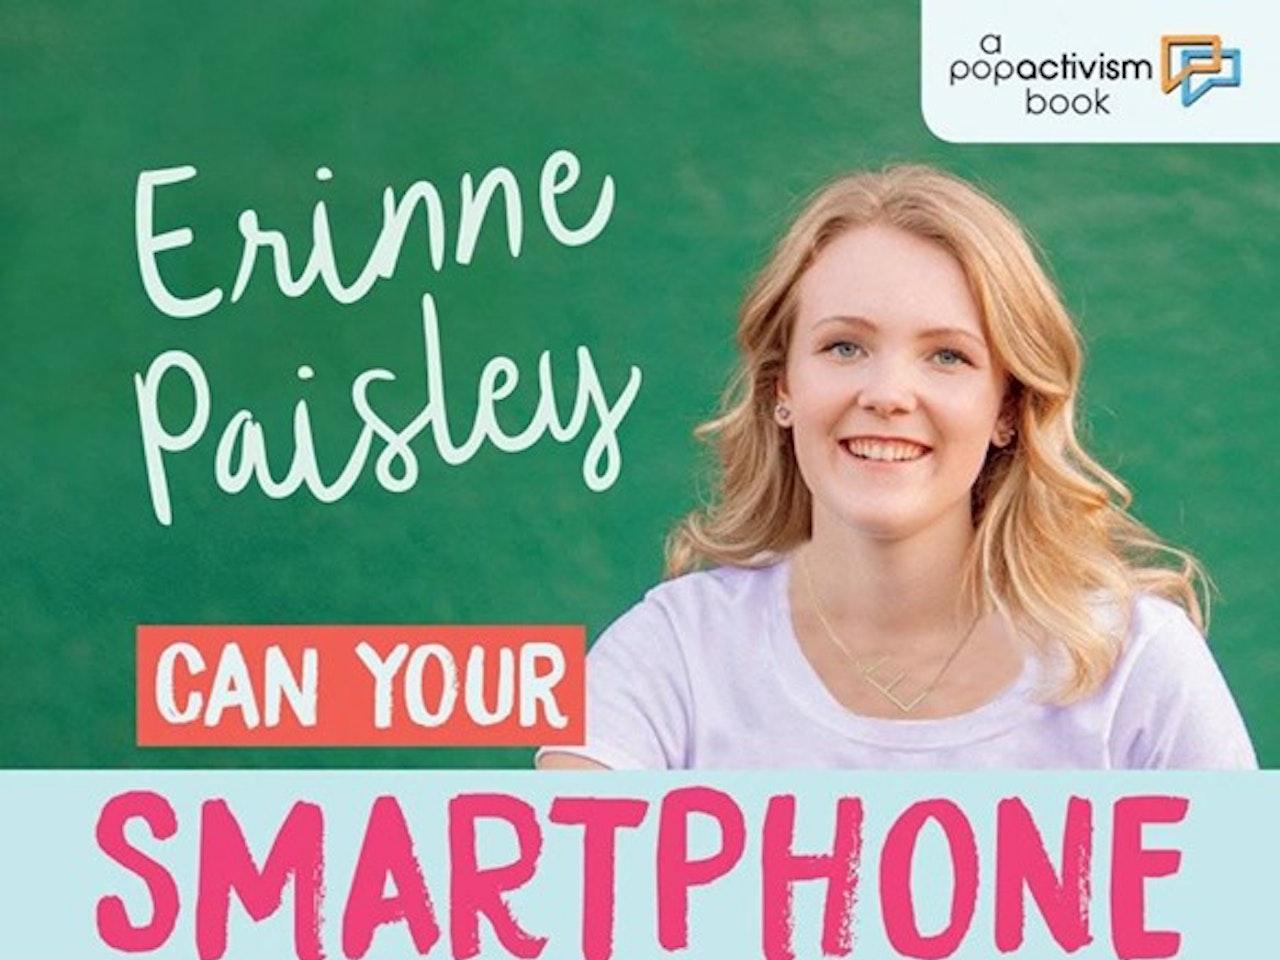 """""""Young Activists"""" Series - Erinne Paisley Interview - Entrevue """"Jeunes Engagés"""" avec Erinne Paisley"""